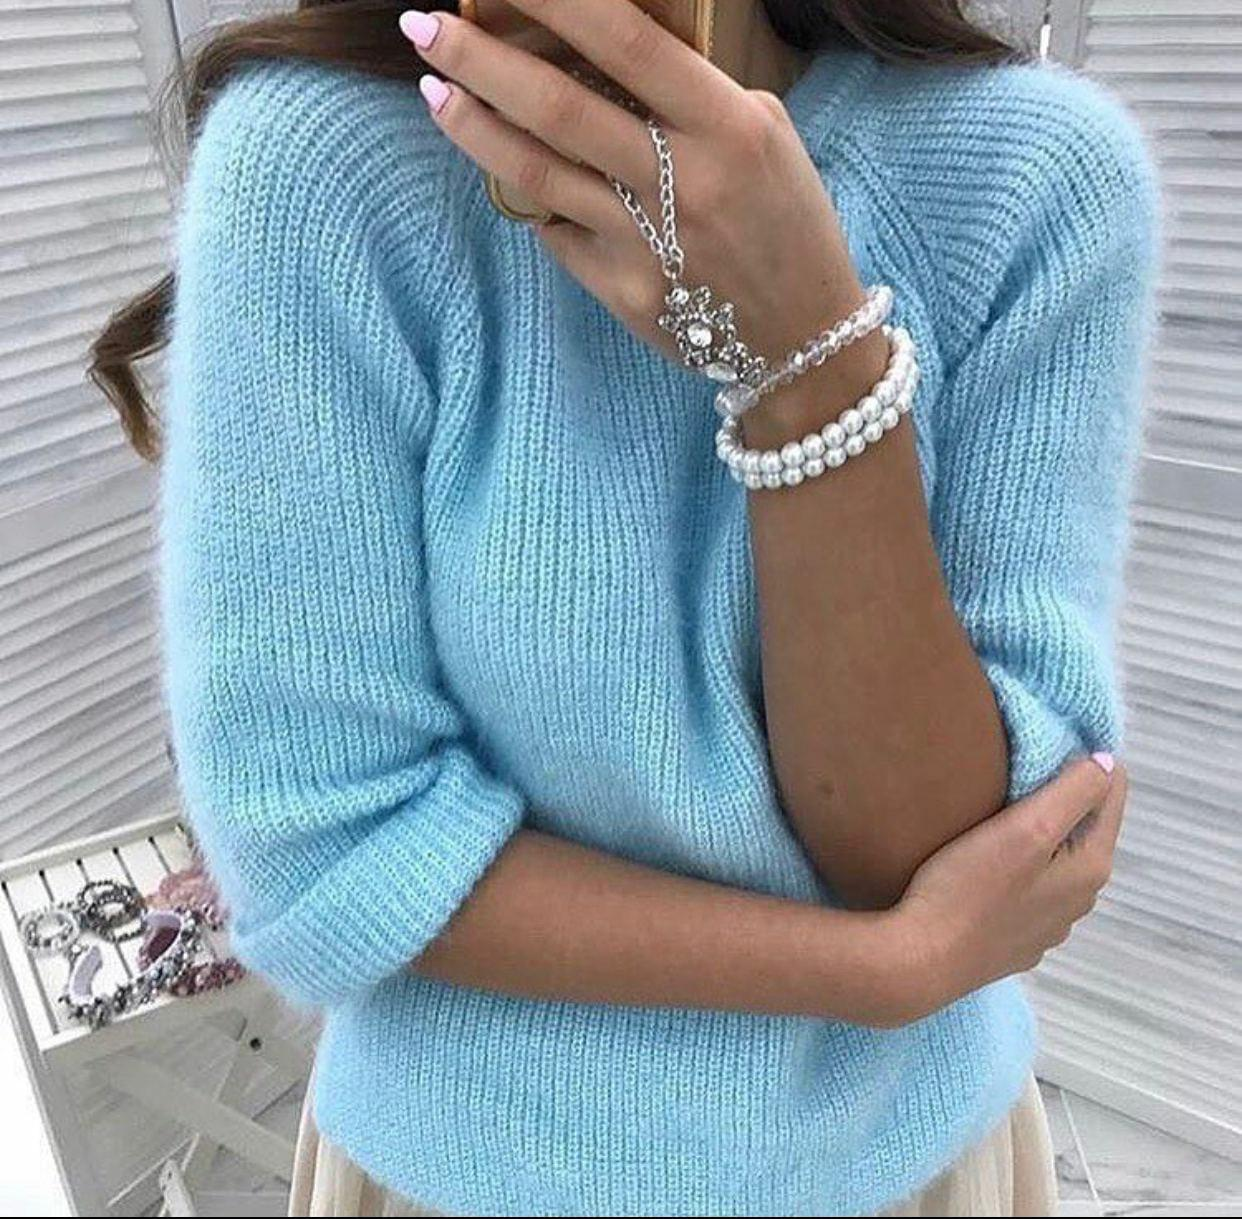 Пушистый женский свитер мягкий на зиму хит 2020 (Норма)